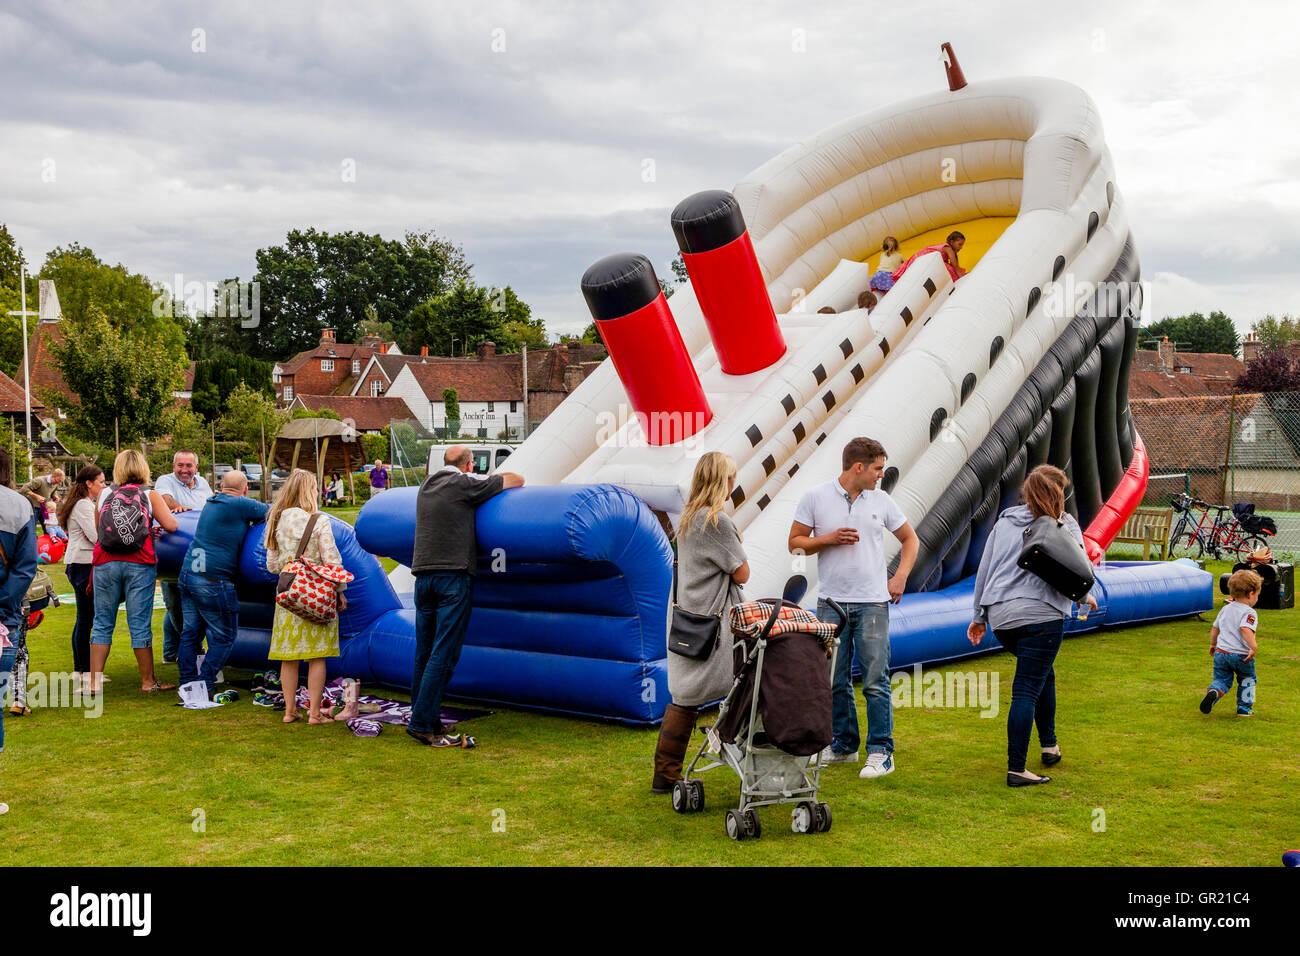 Kinder spielen auf einer Hüpfburg am jährlichen Hartfield Dorffest, Hartfield, East Sussex, UK Stockbild